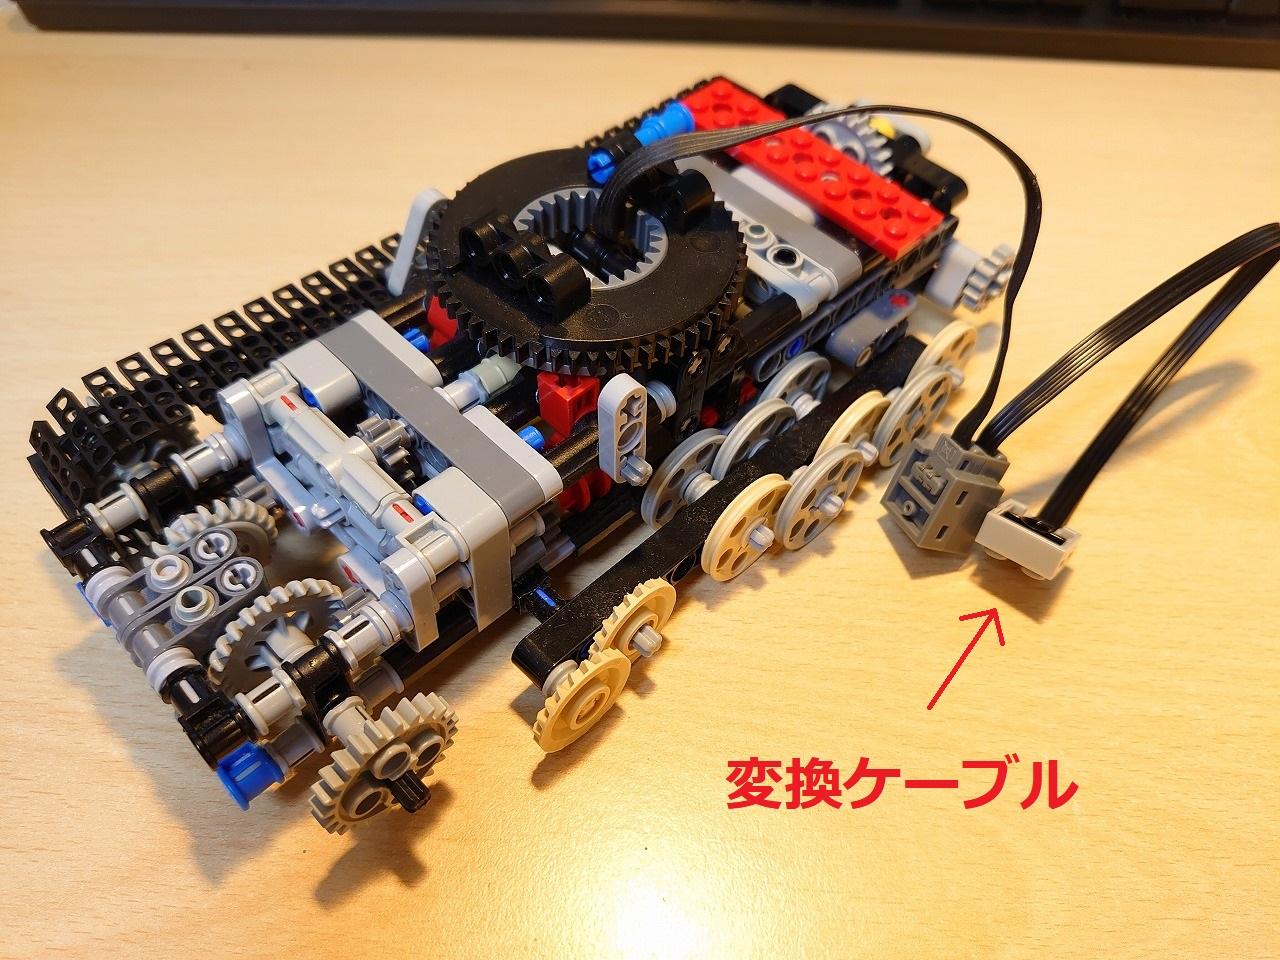 【最近購入した物】レゴ パワーファンクション 延長ケーブル8886・DHC酒造(特純・吟醸)